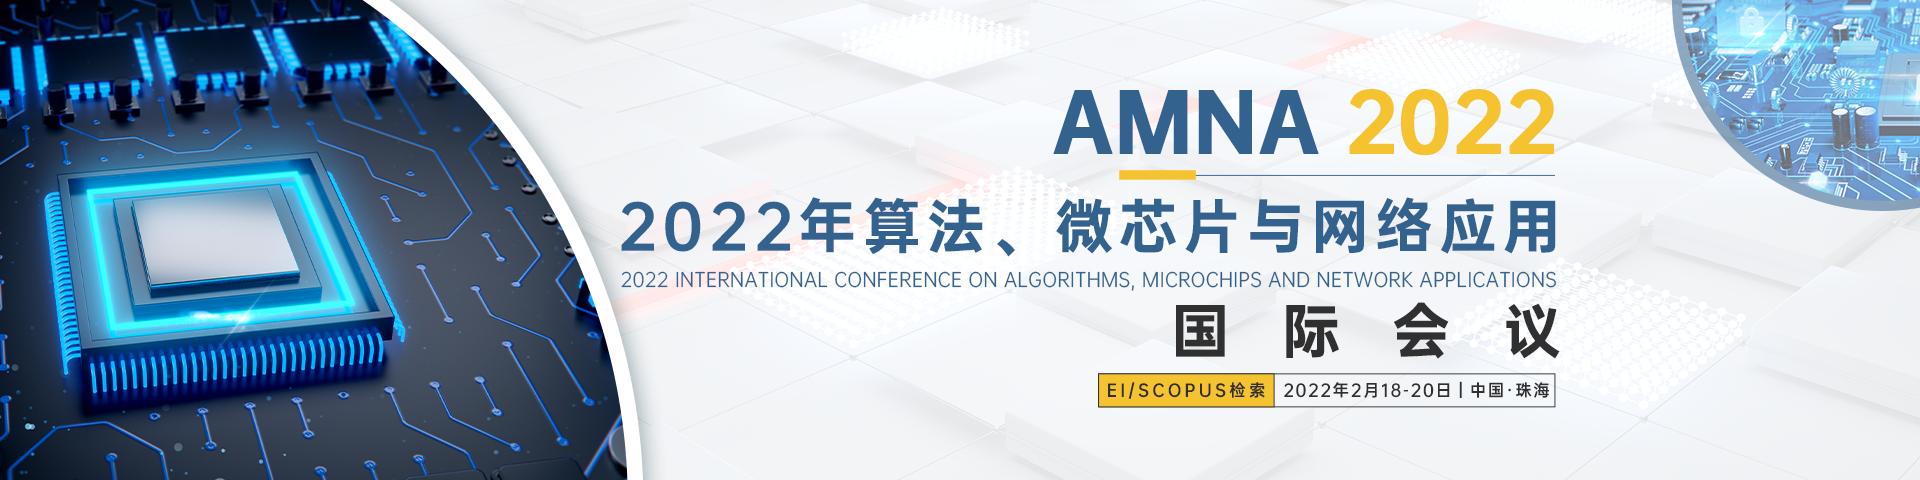 2月珠海-AMNA2022-会议艾思banner-何雪仪-20210804.png